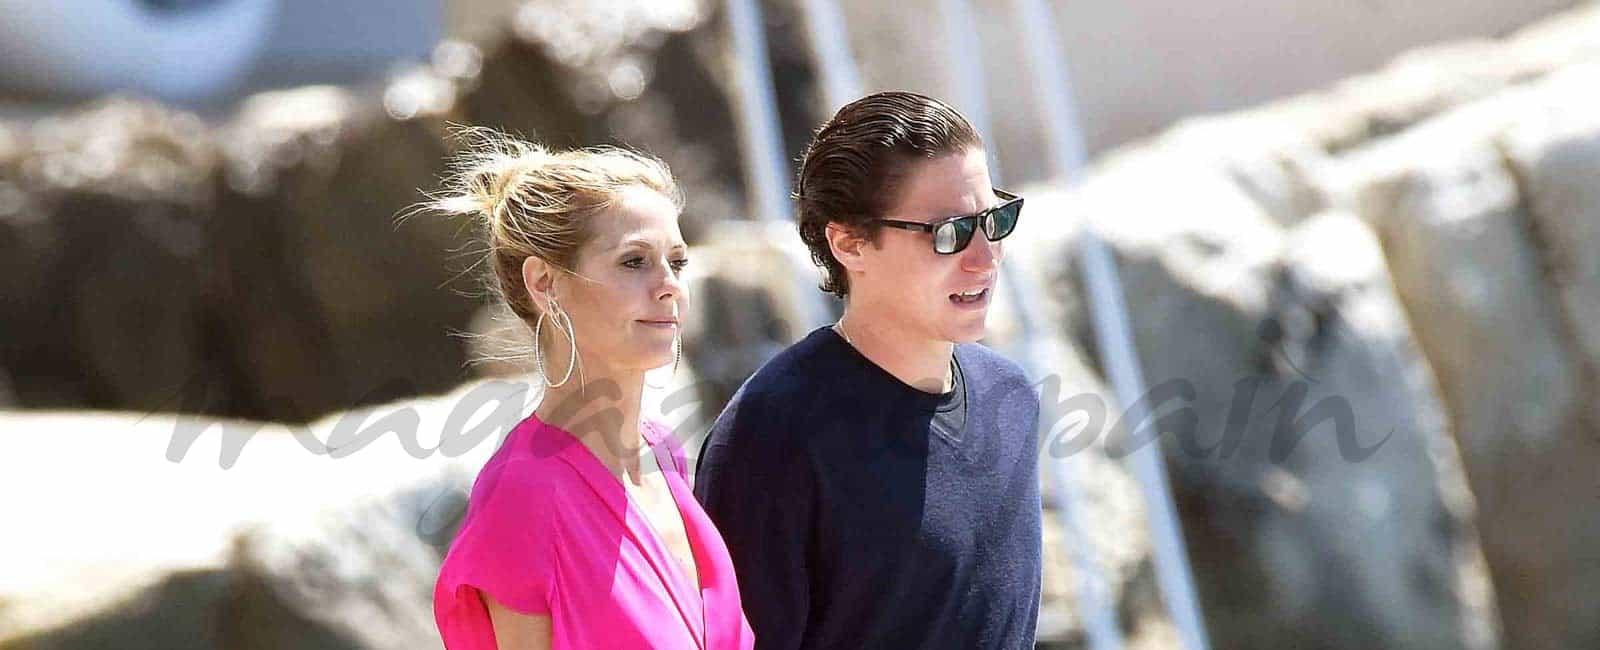 Heidi Klum y Vito Schnabel, vuelven al Festival de Cine de Cannes